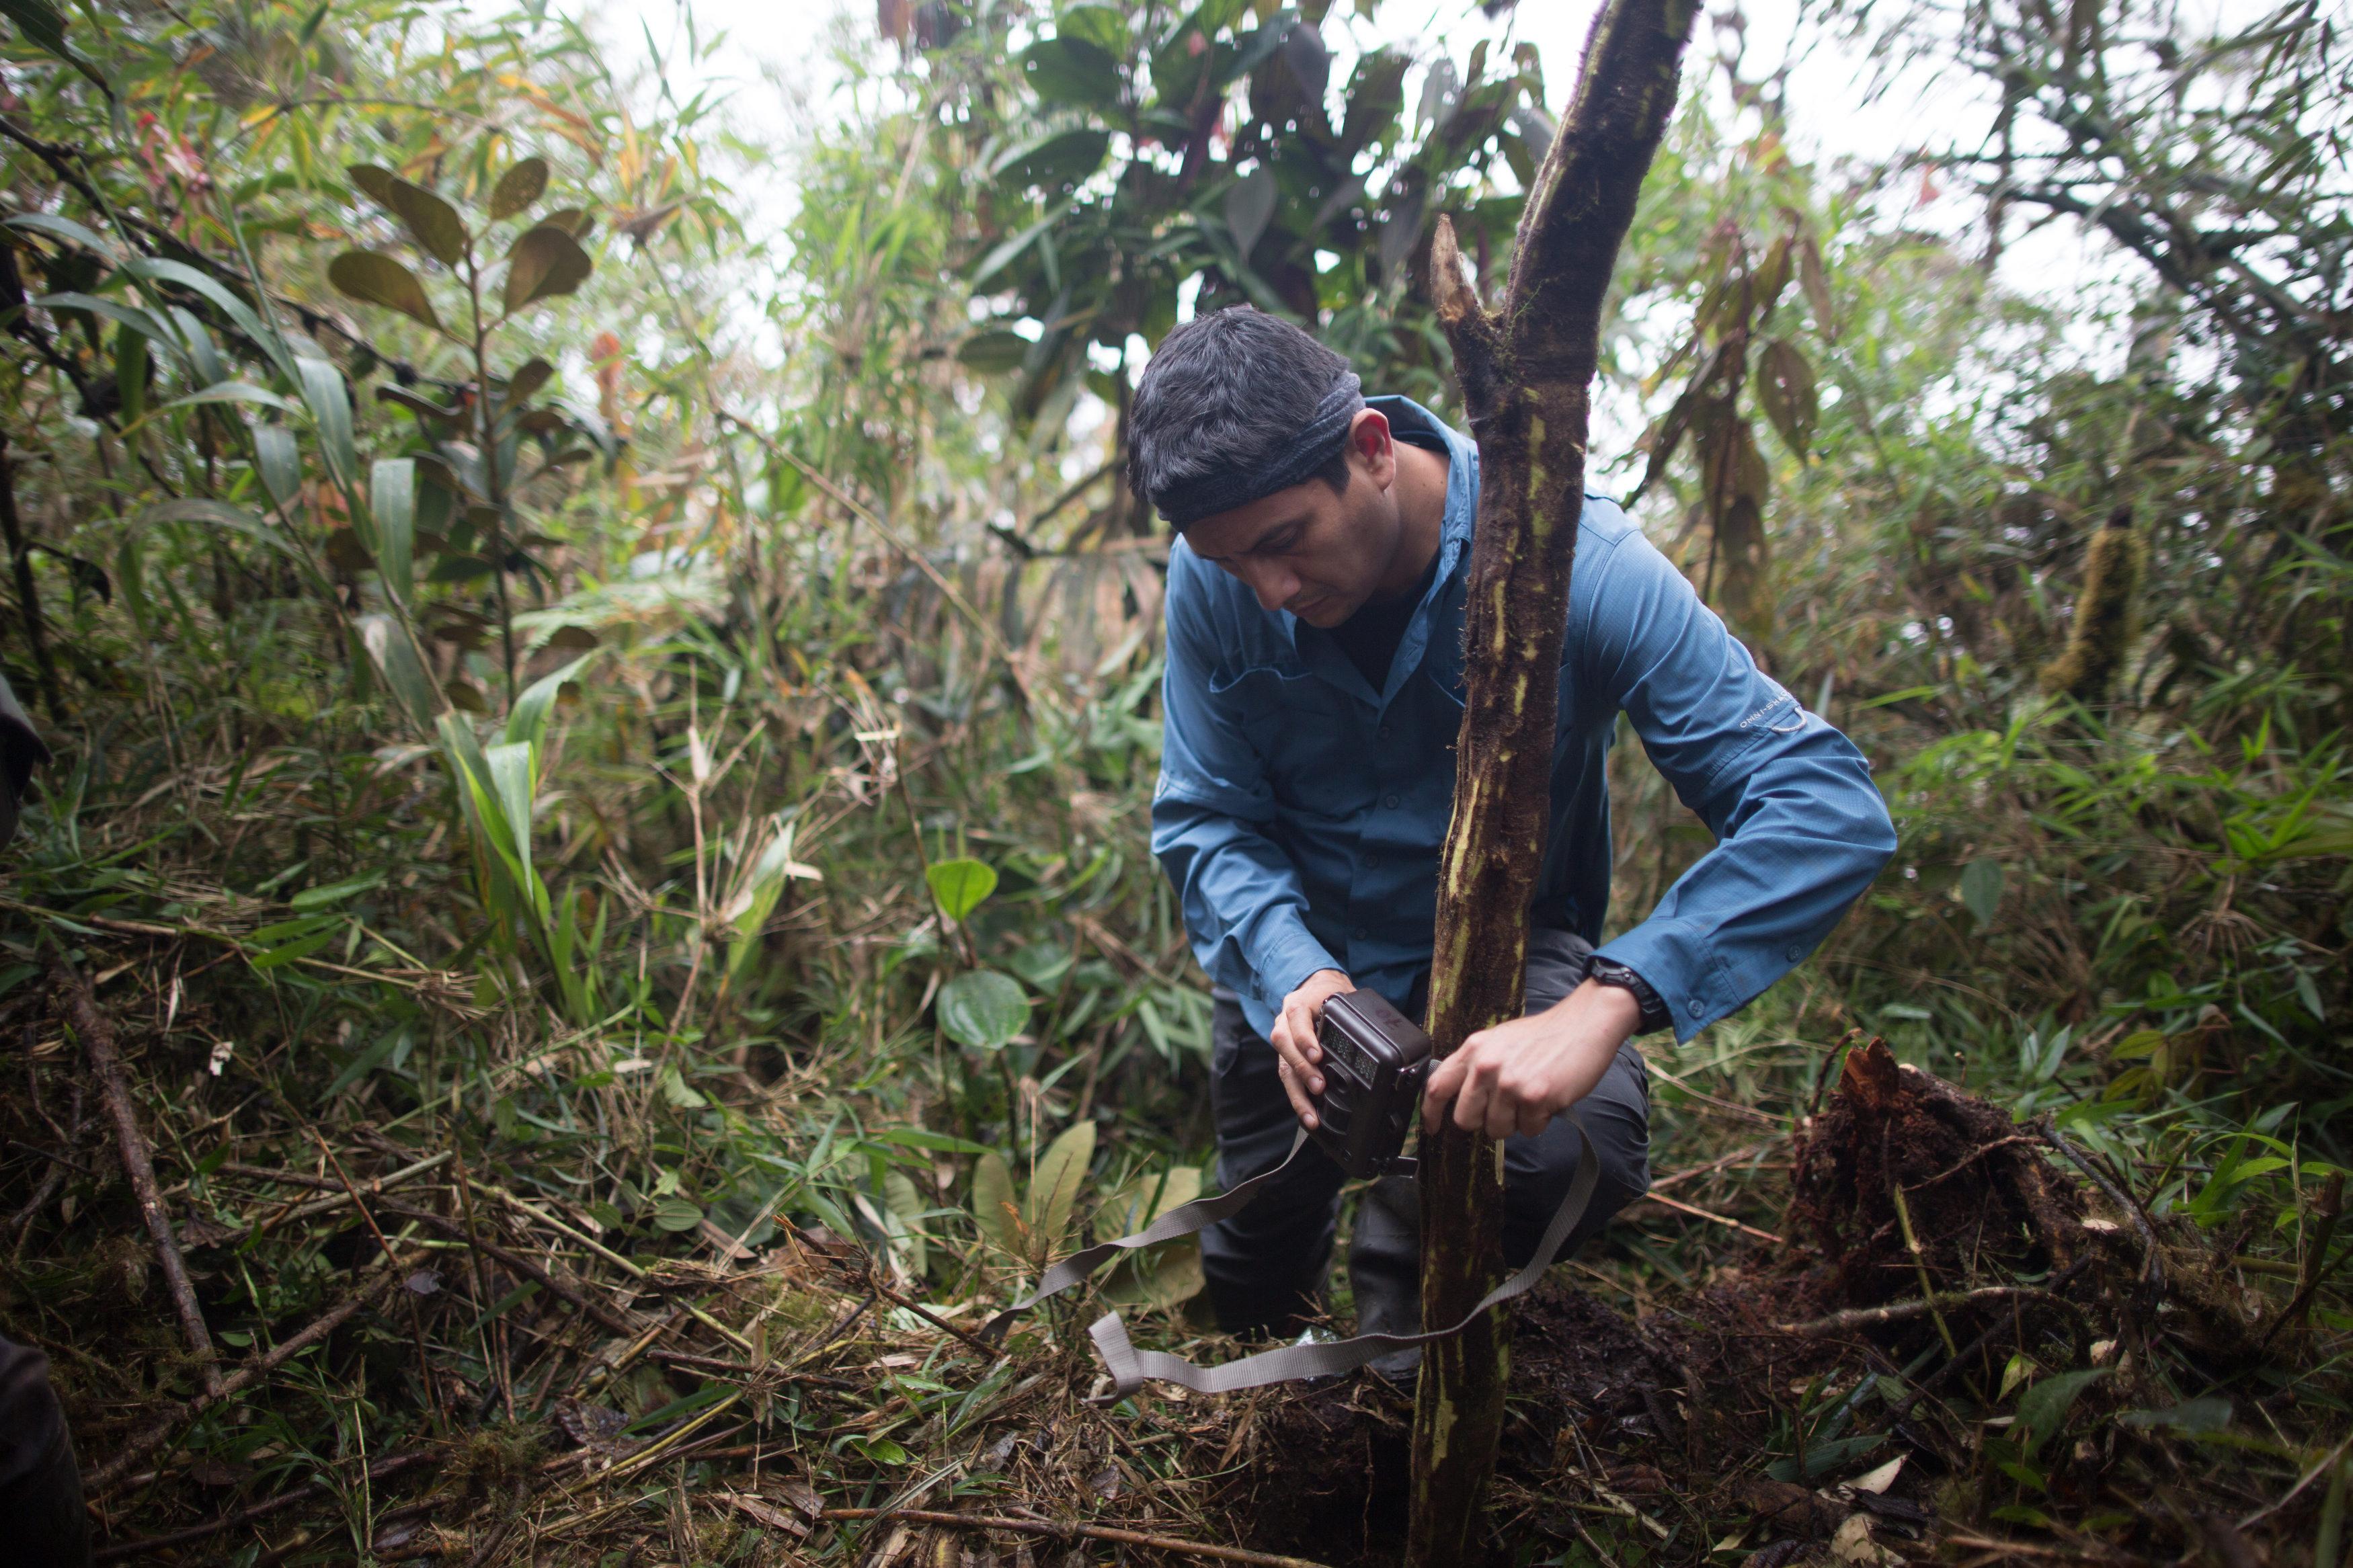 José Luis Mena lidera un proyecto con cámaras trampa y monitores acústicos. Foto: WWF.